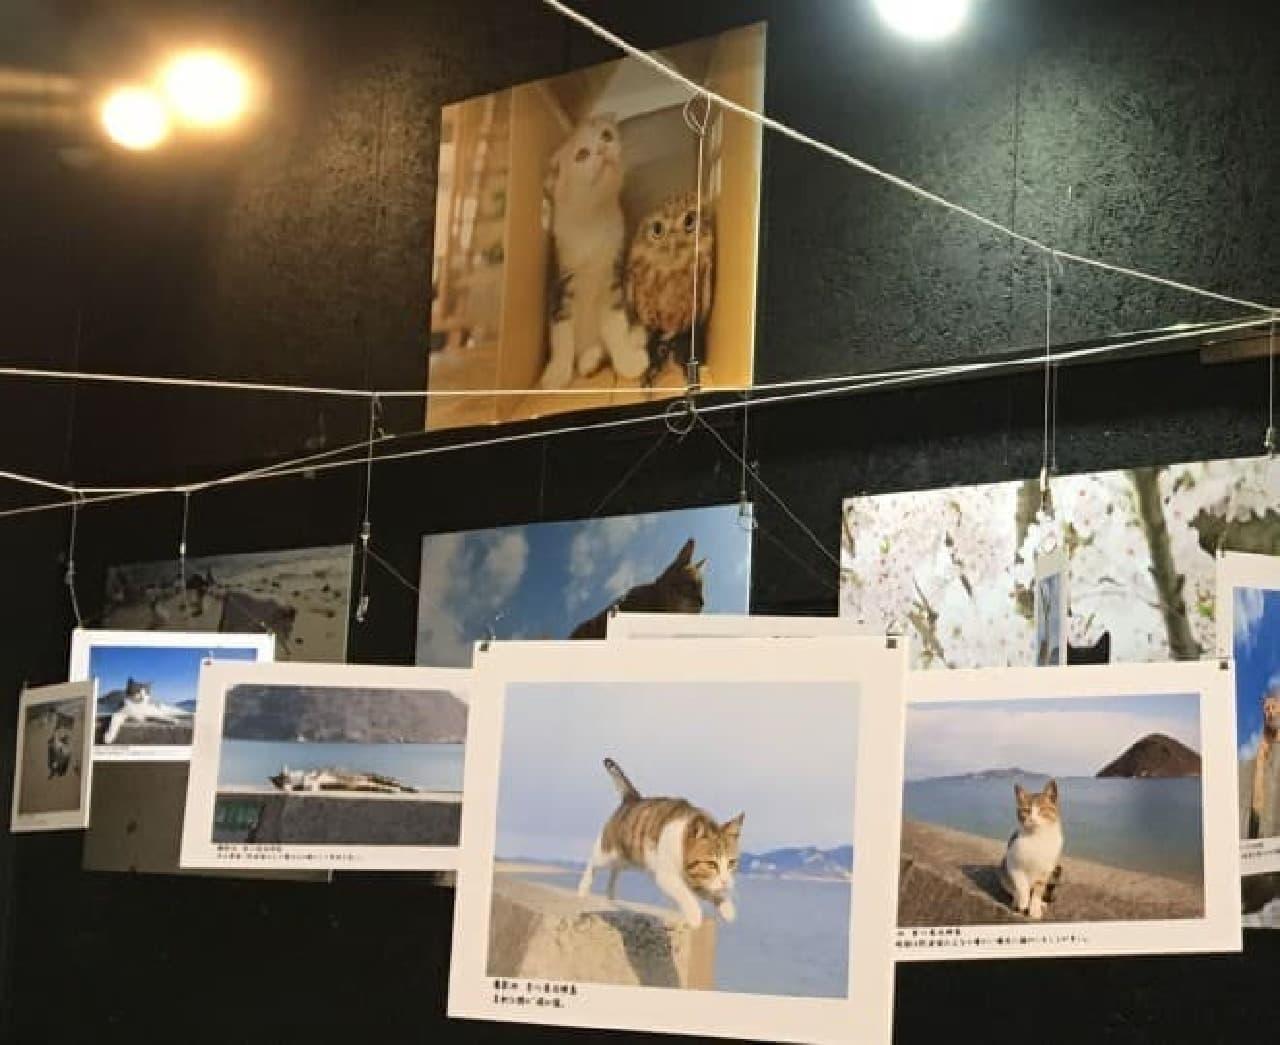 五十嵐健太のもふもふ猫写真展